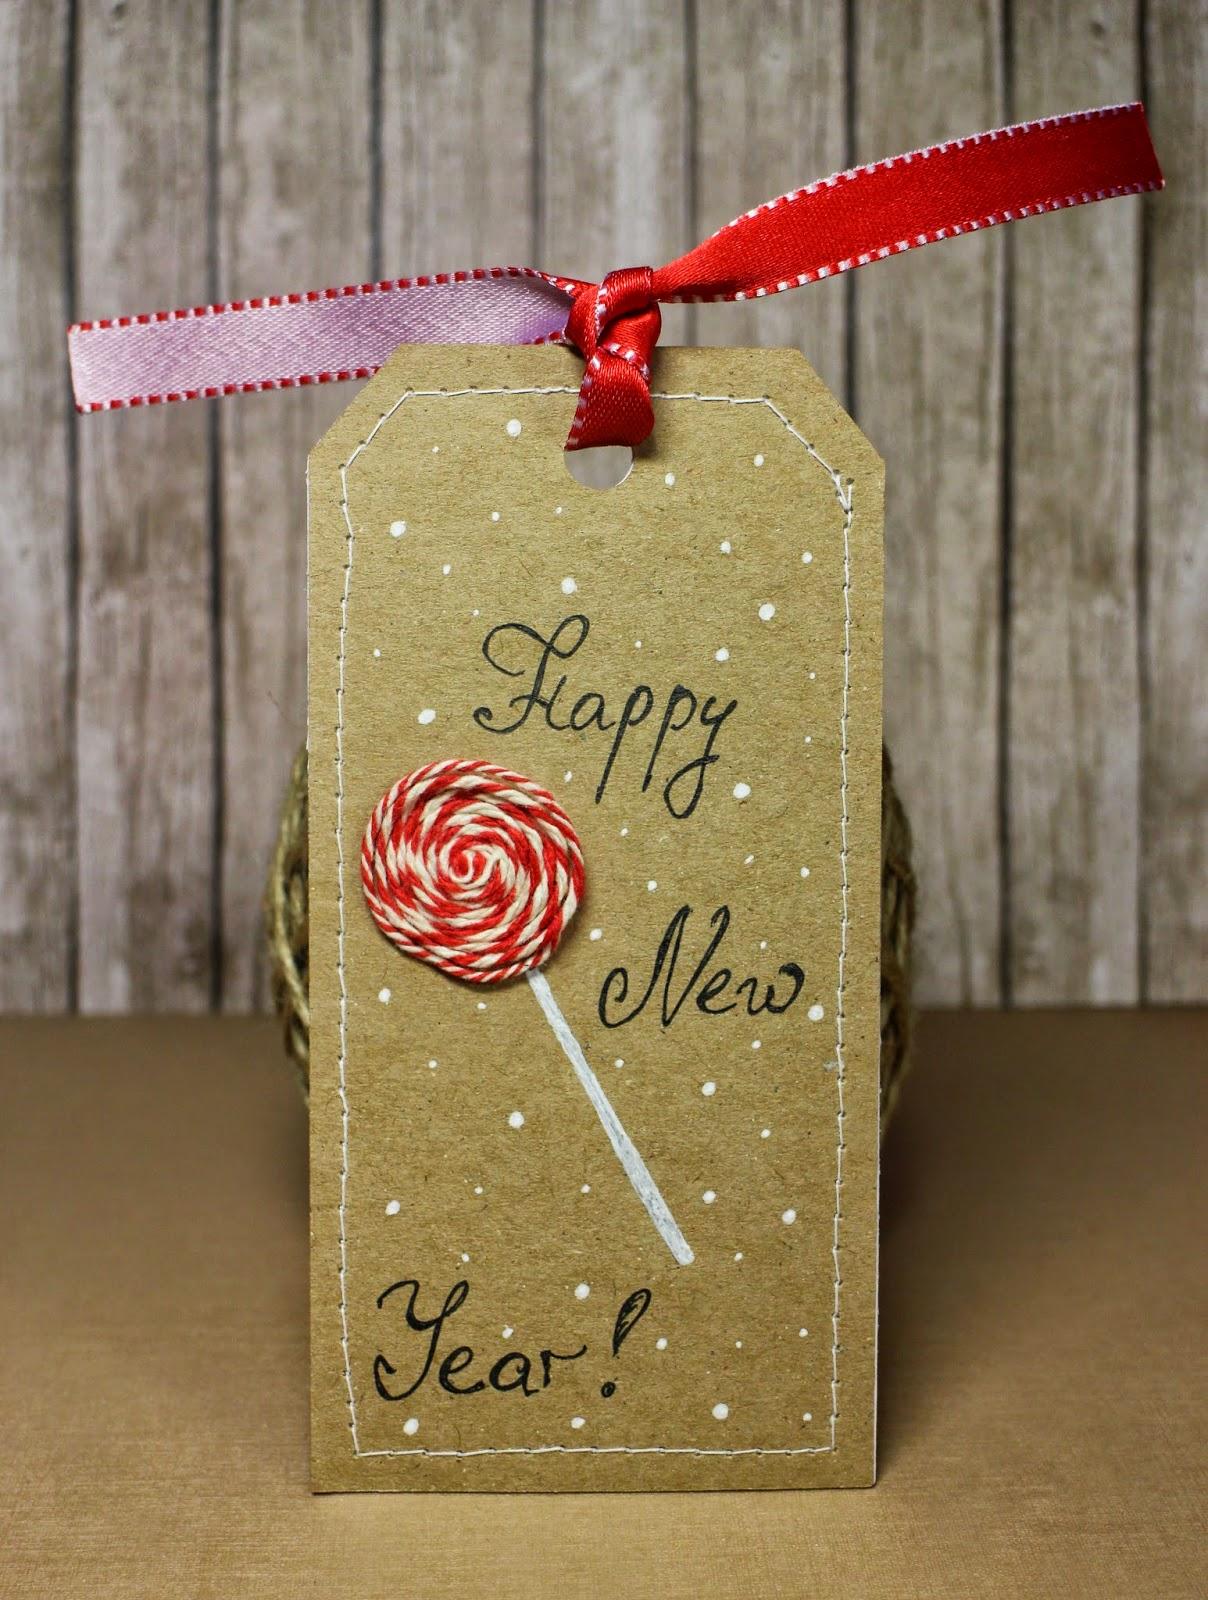 tag scrapbooking kraft paper New Year red white скрапбукинг тег белый красный крафт Новый год hamster-sensey